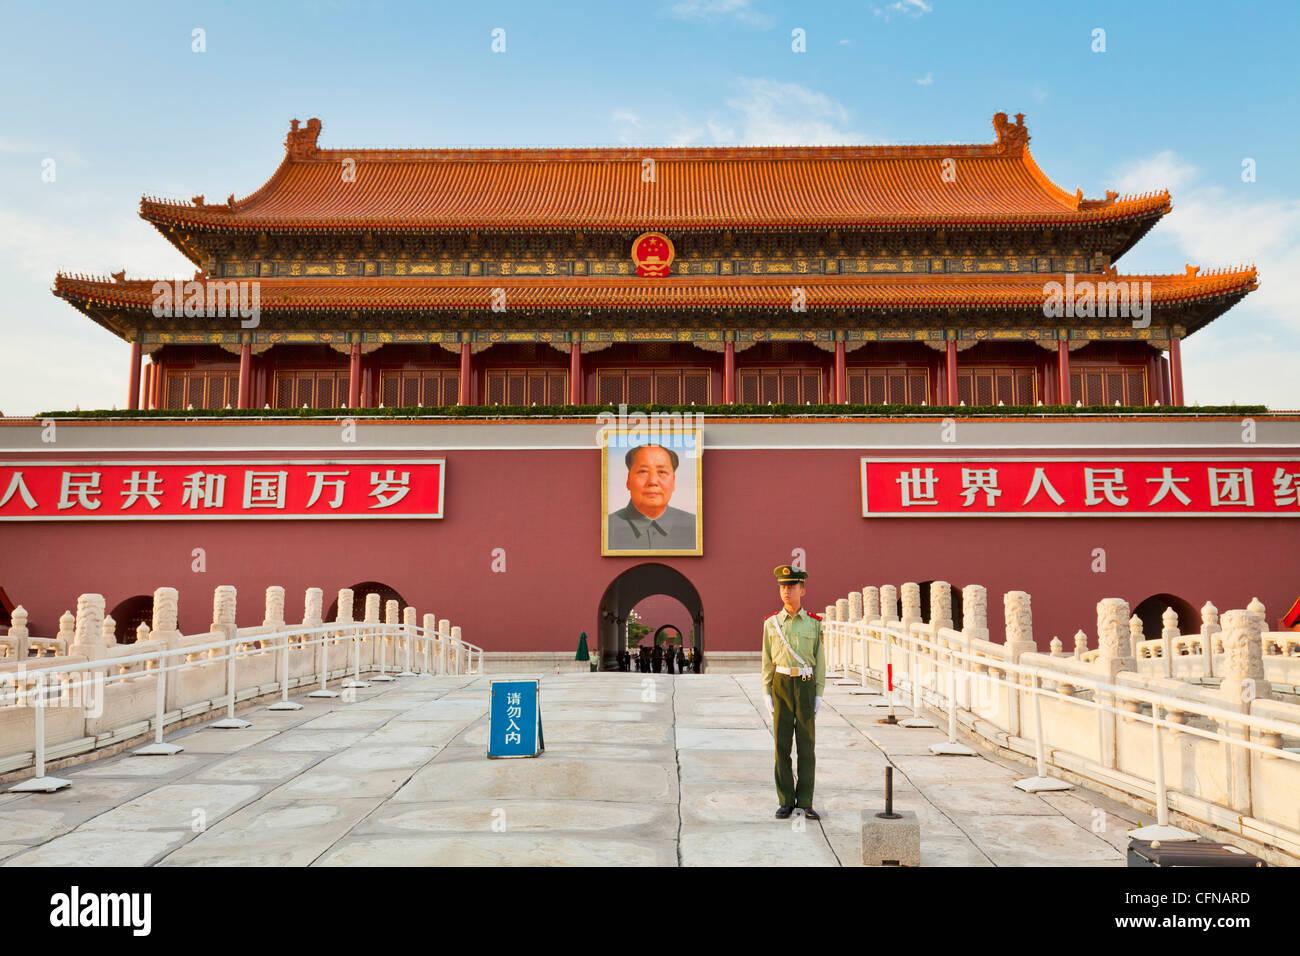 L'extérieur de la tour Tiananmen soldat et le président Mao's portrait, porte de la paix céleste, Photo Stock